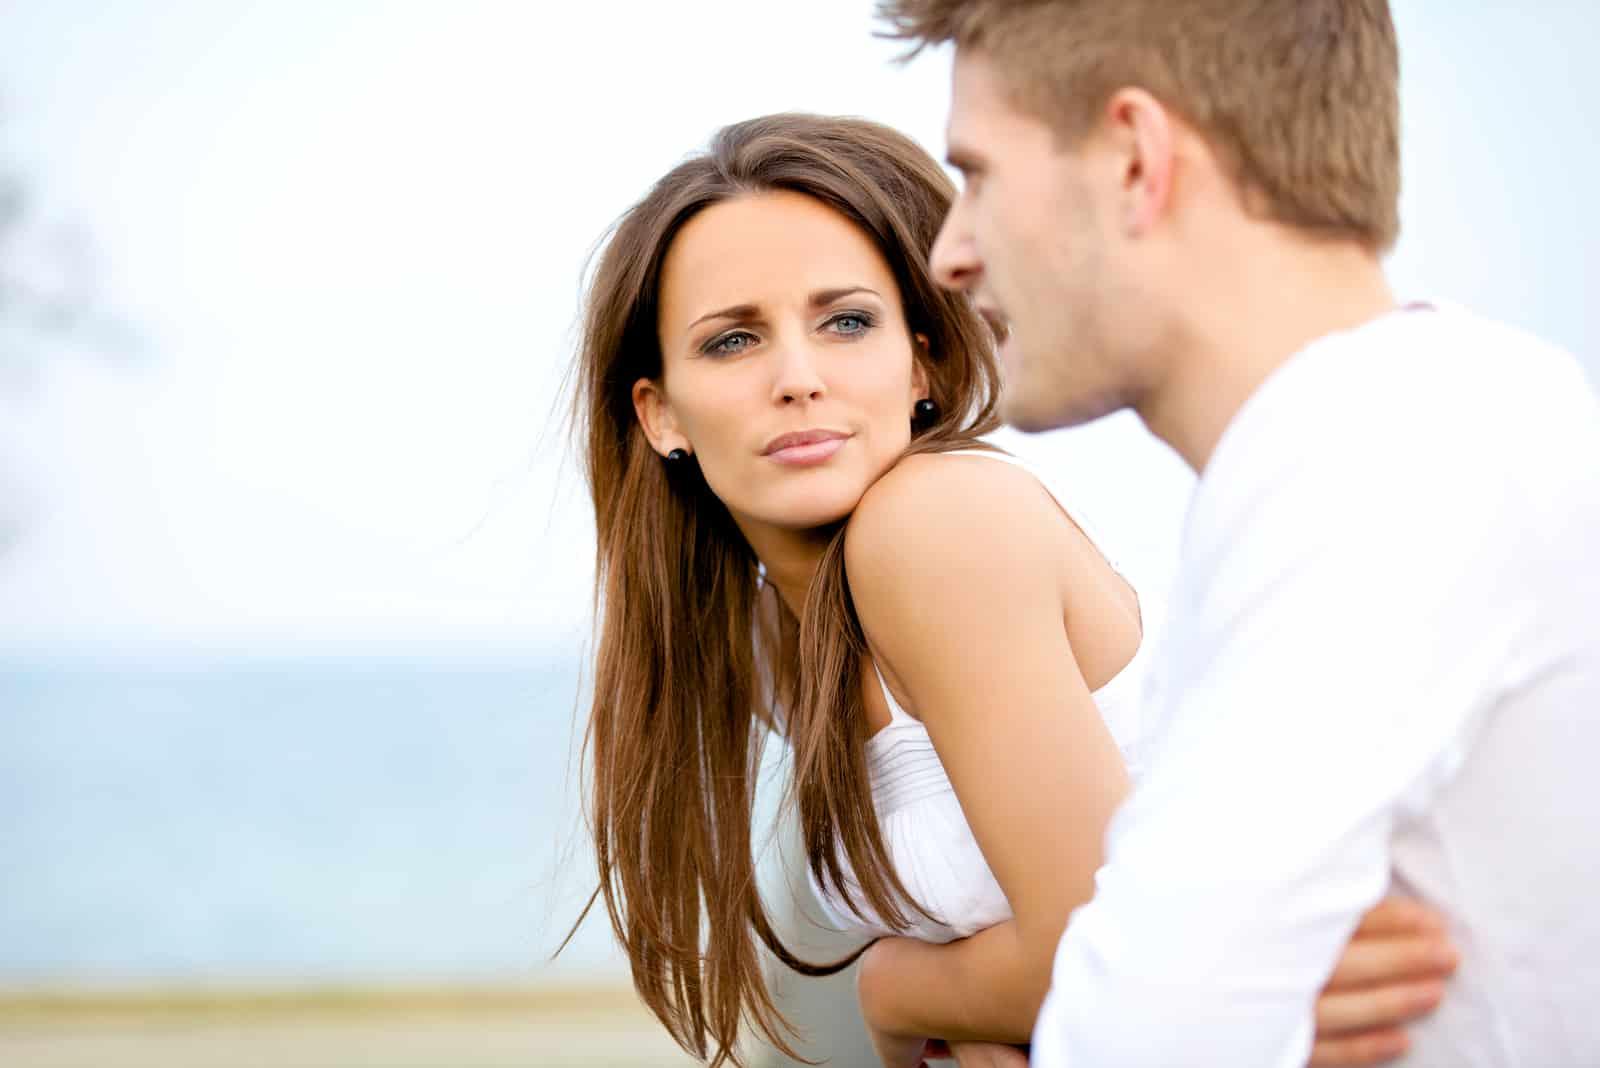 draußen spricht eine attraktive Blondine mit einem Mann